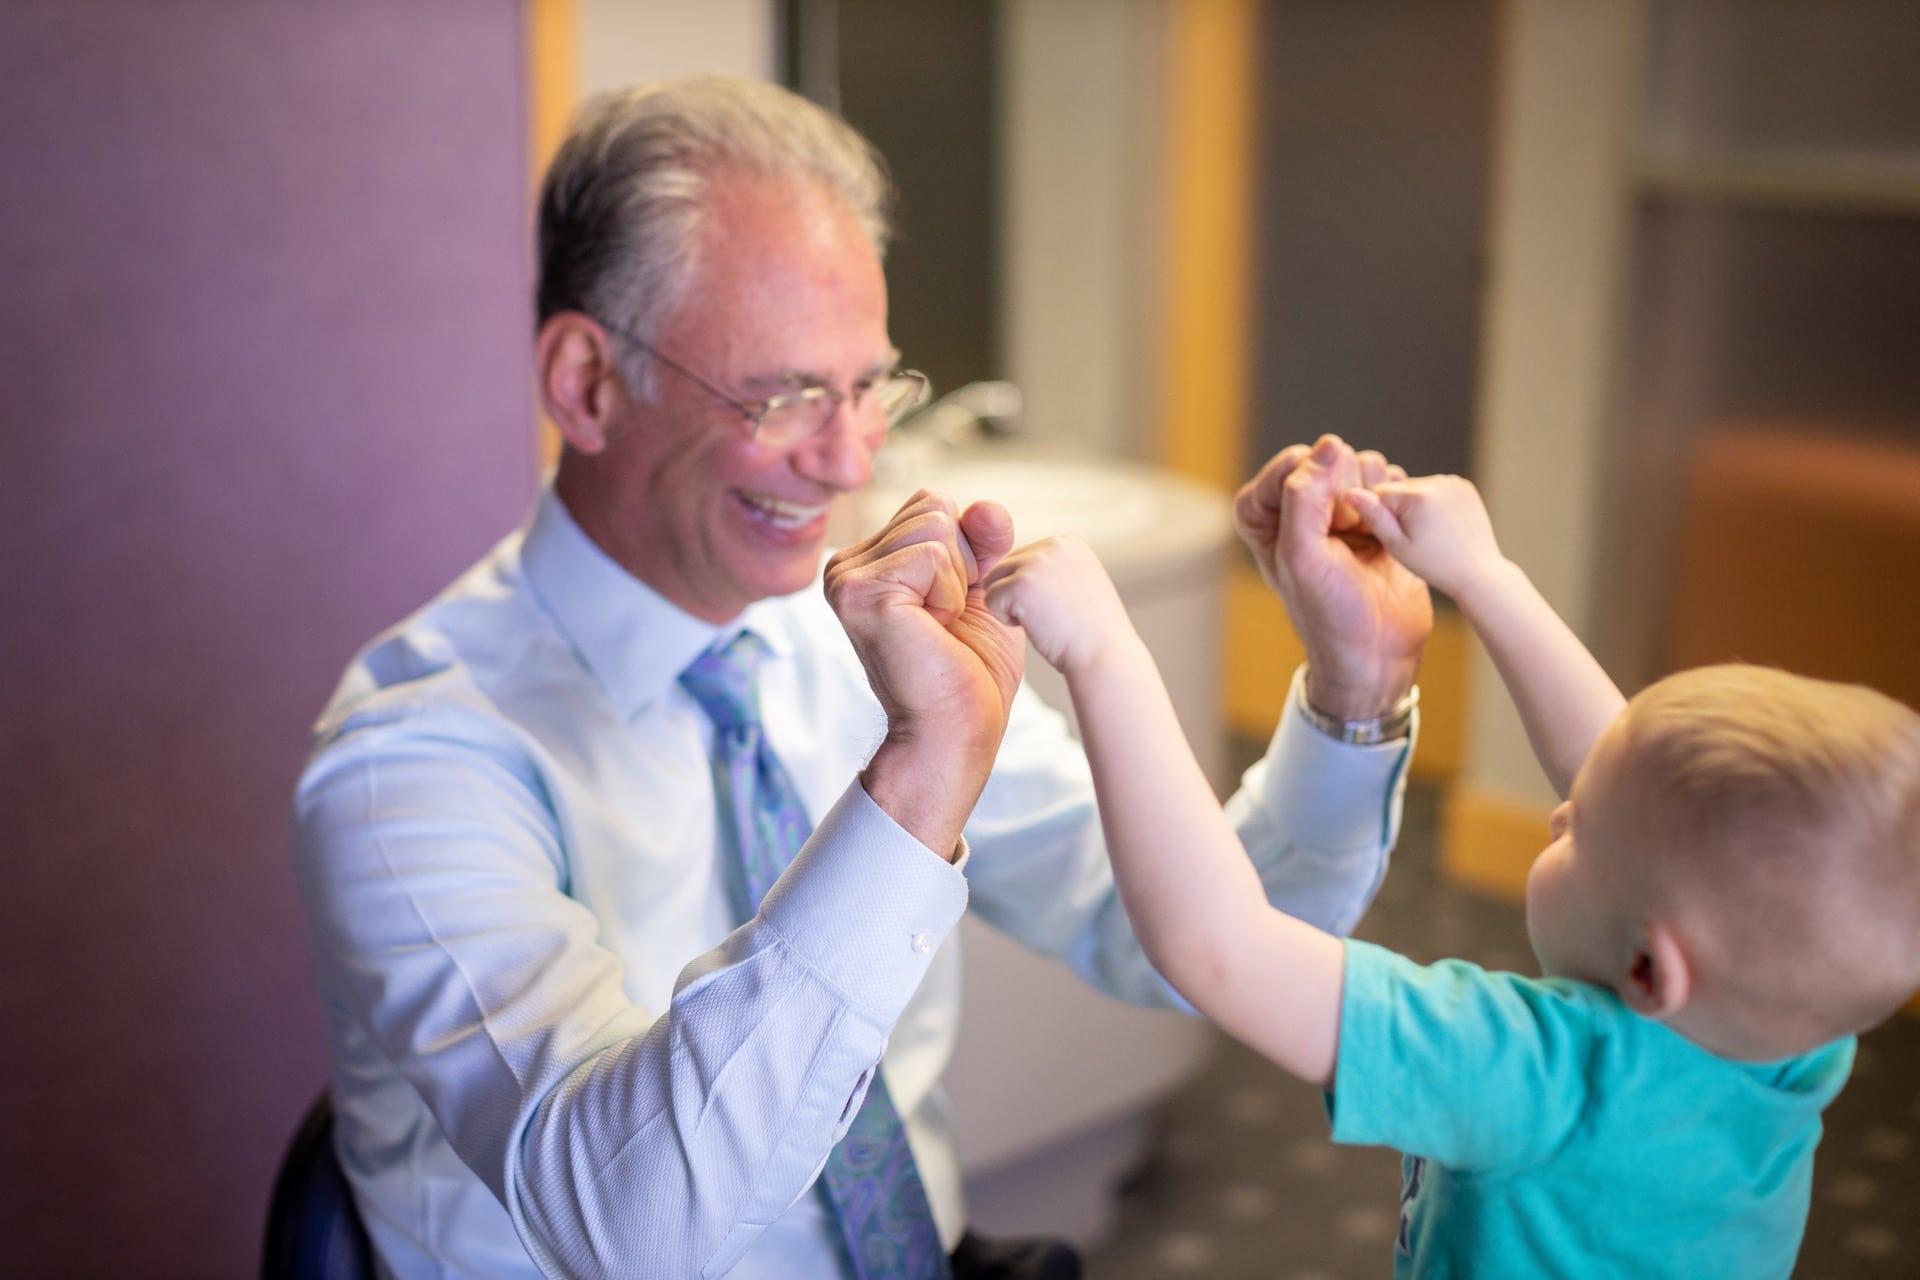 Doctors Candids MyKidsDDS Dallas TX Dentist 97 - Meet Dr. Mark H. Kogut, DDS, MSD, PA